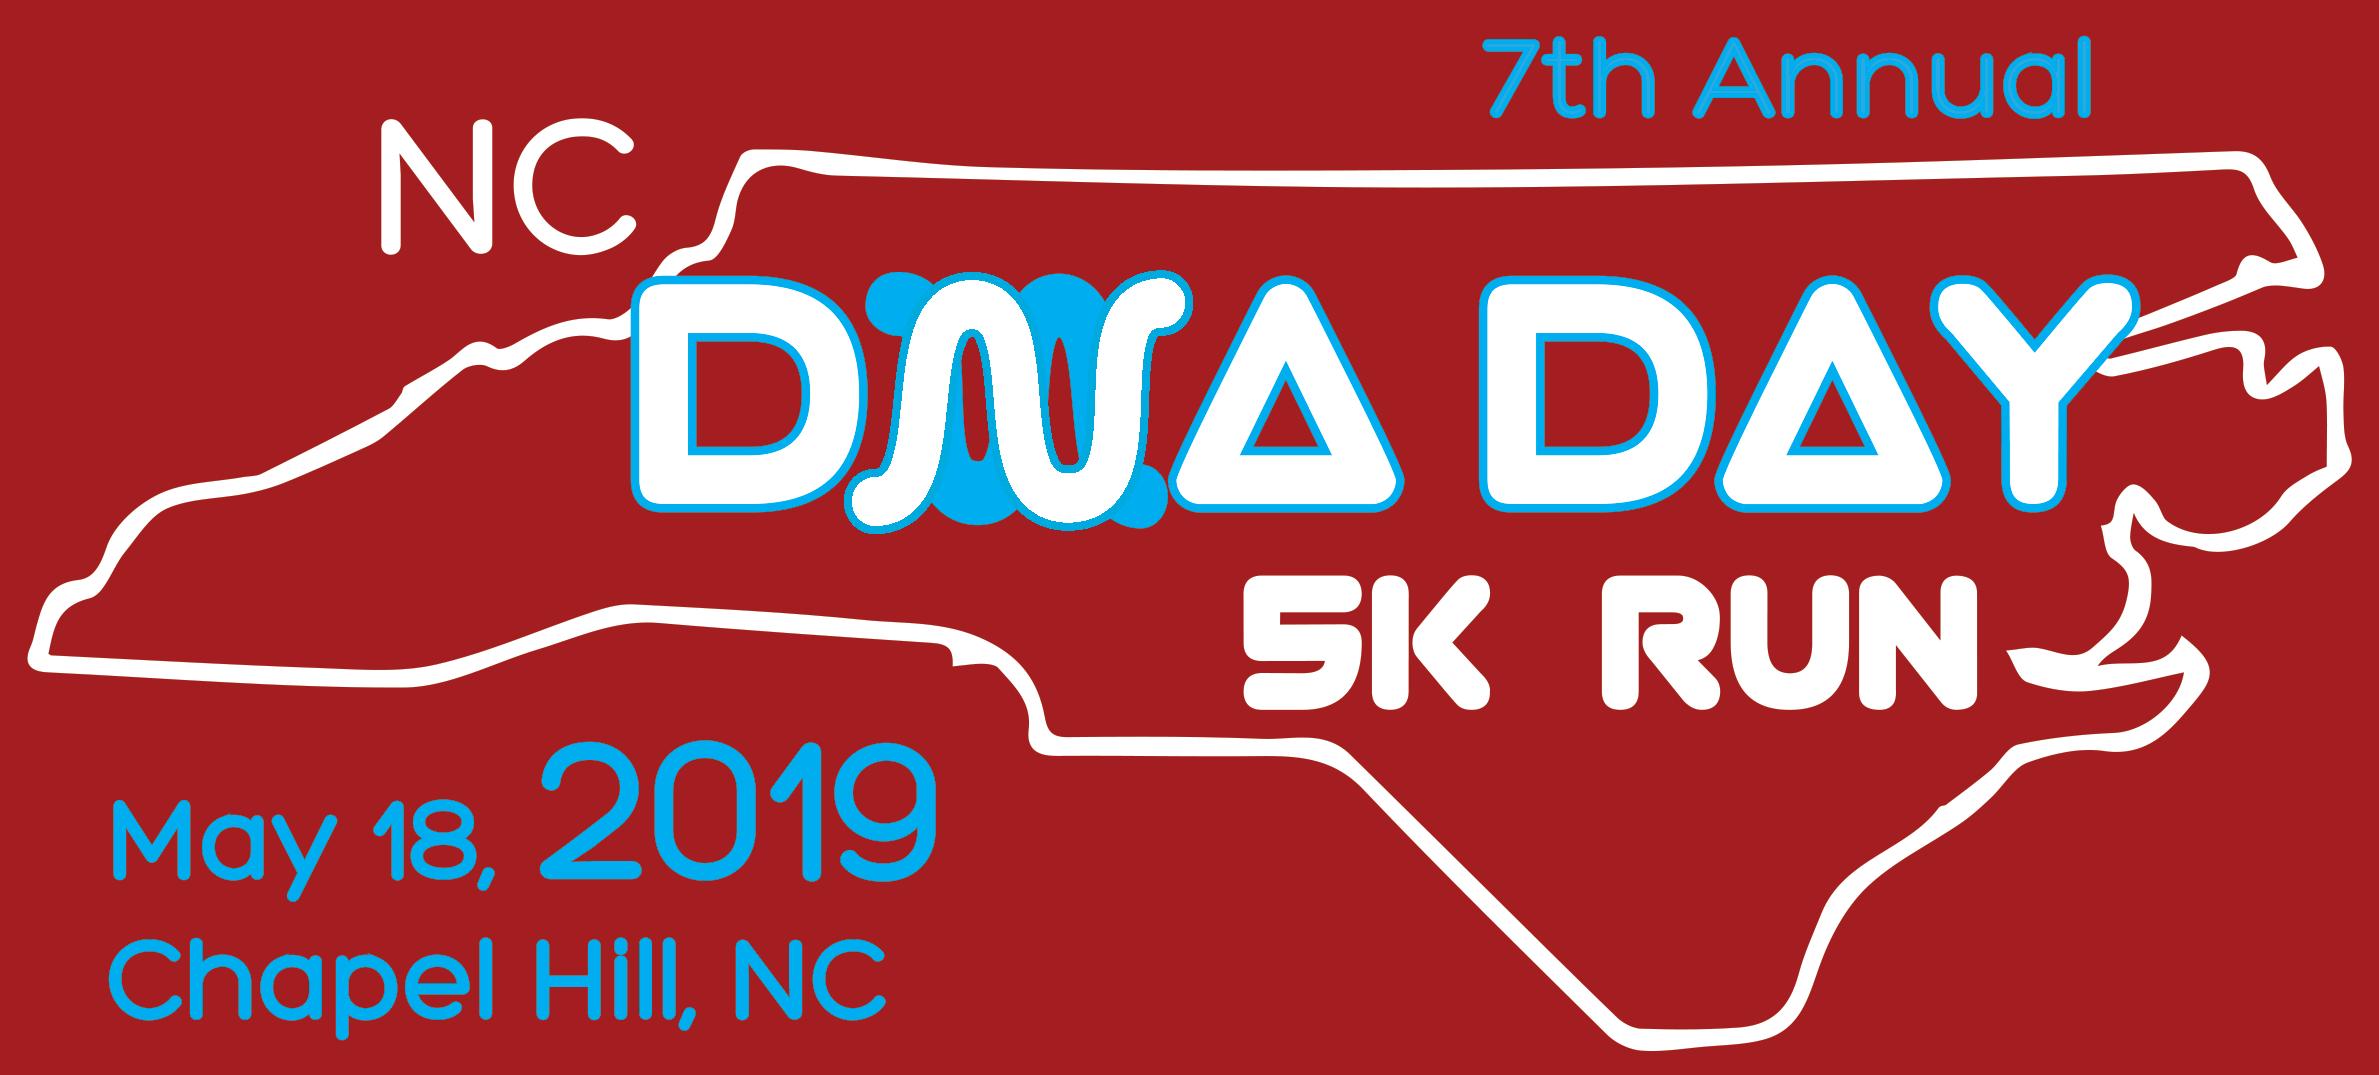 NC DNA Day » 5K Run